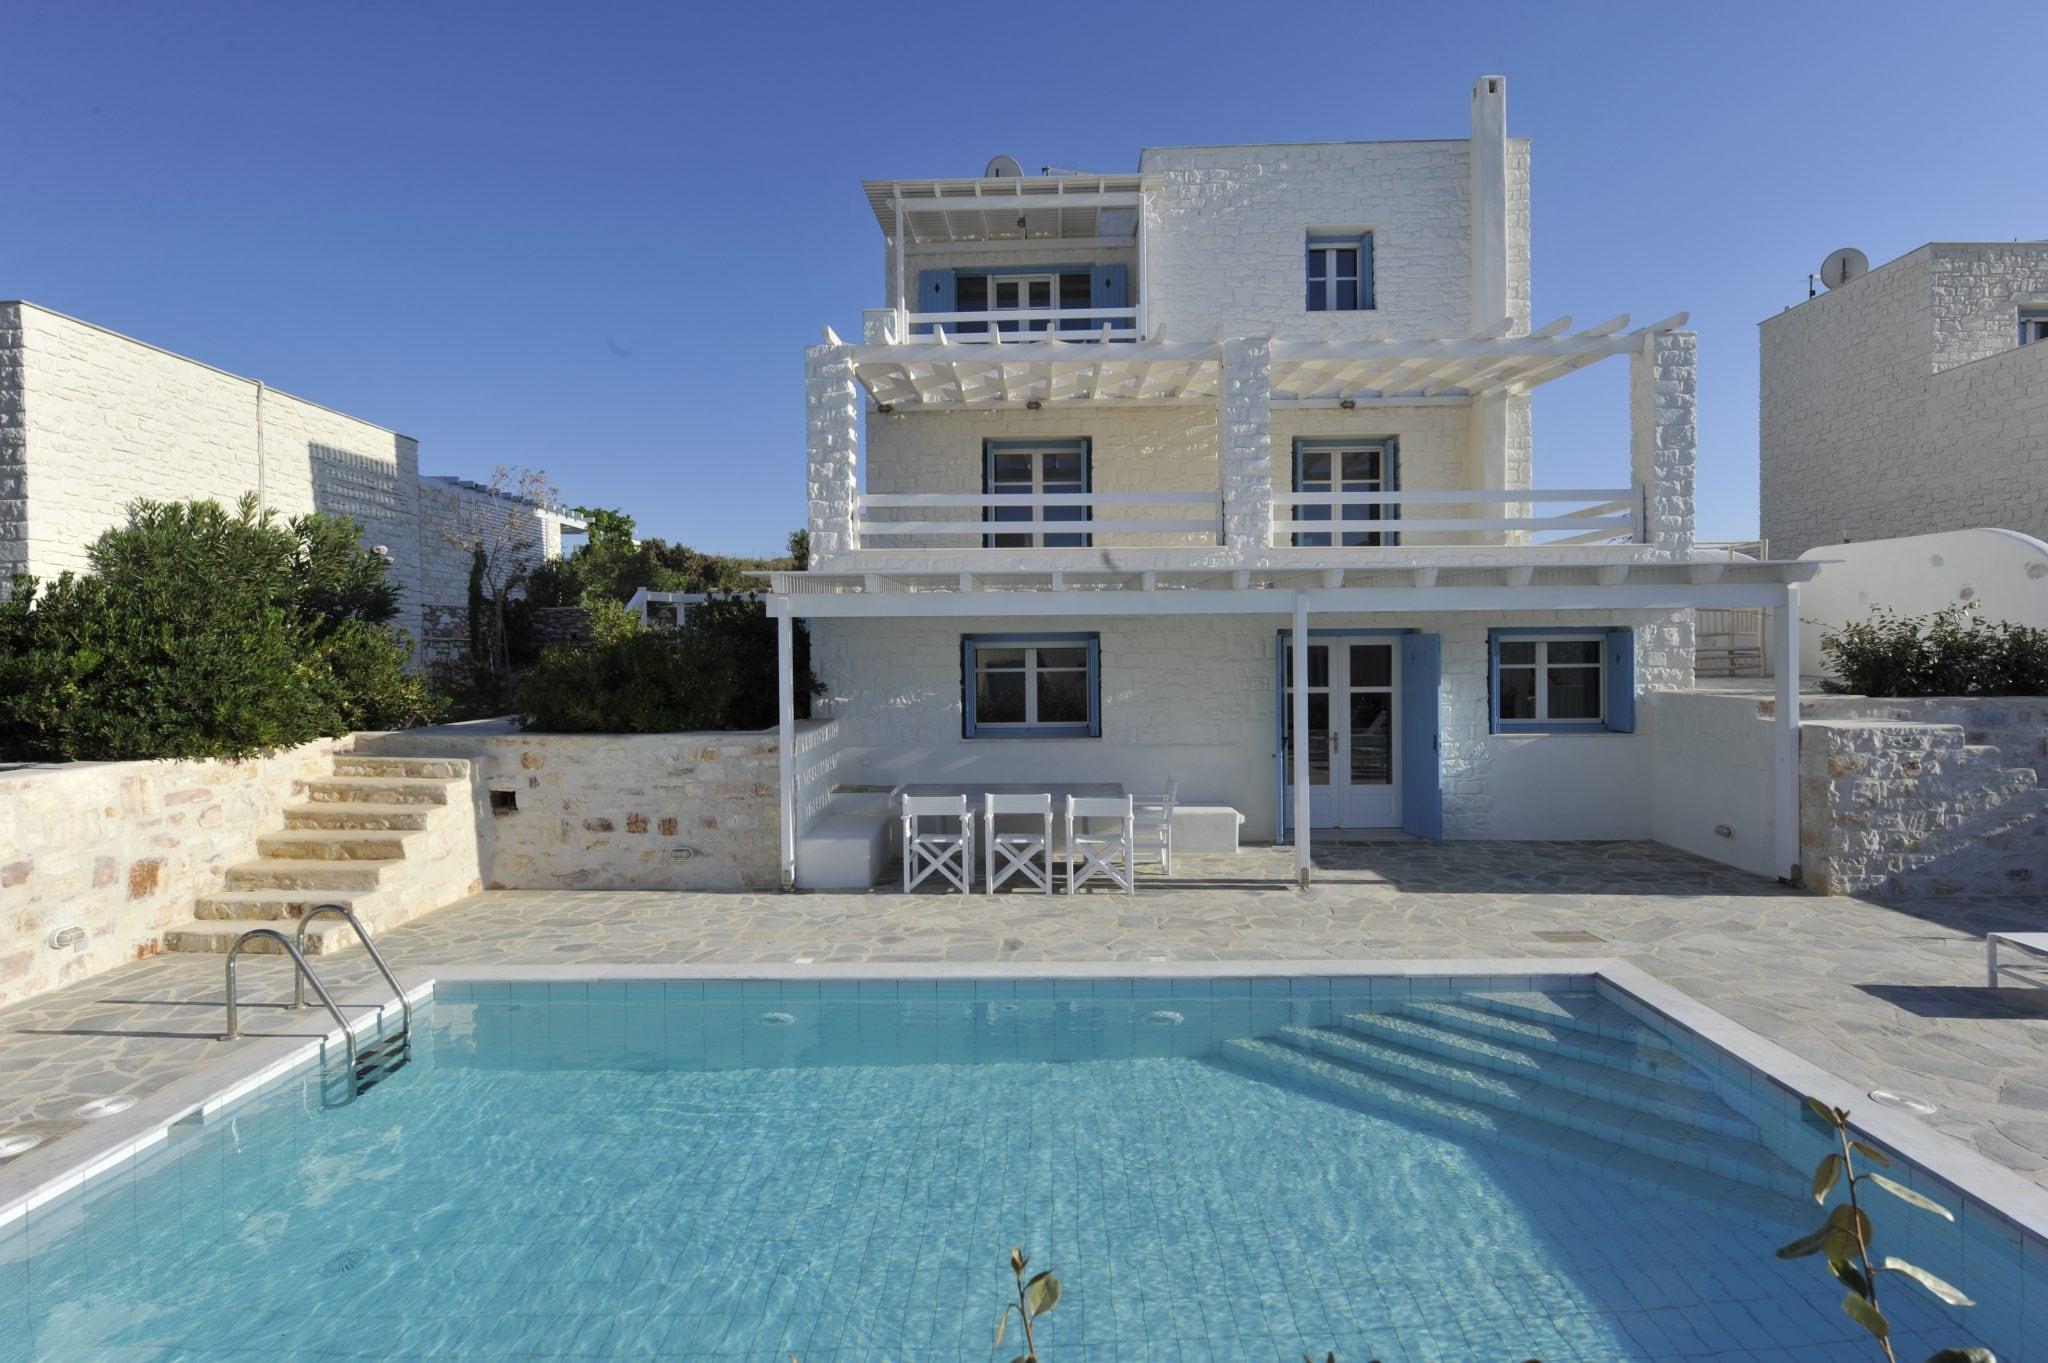 Maison, Paros - Ref GR-4760